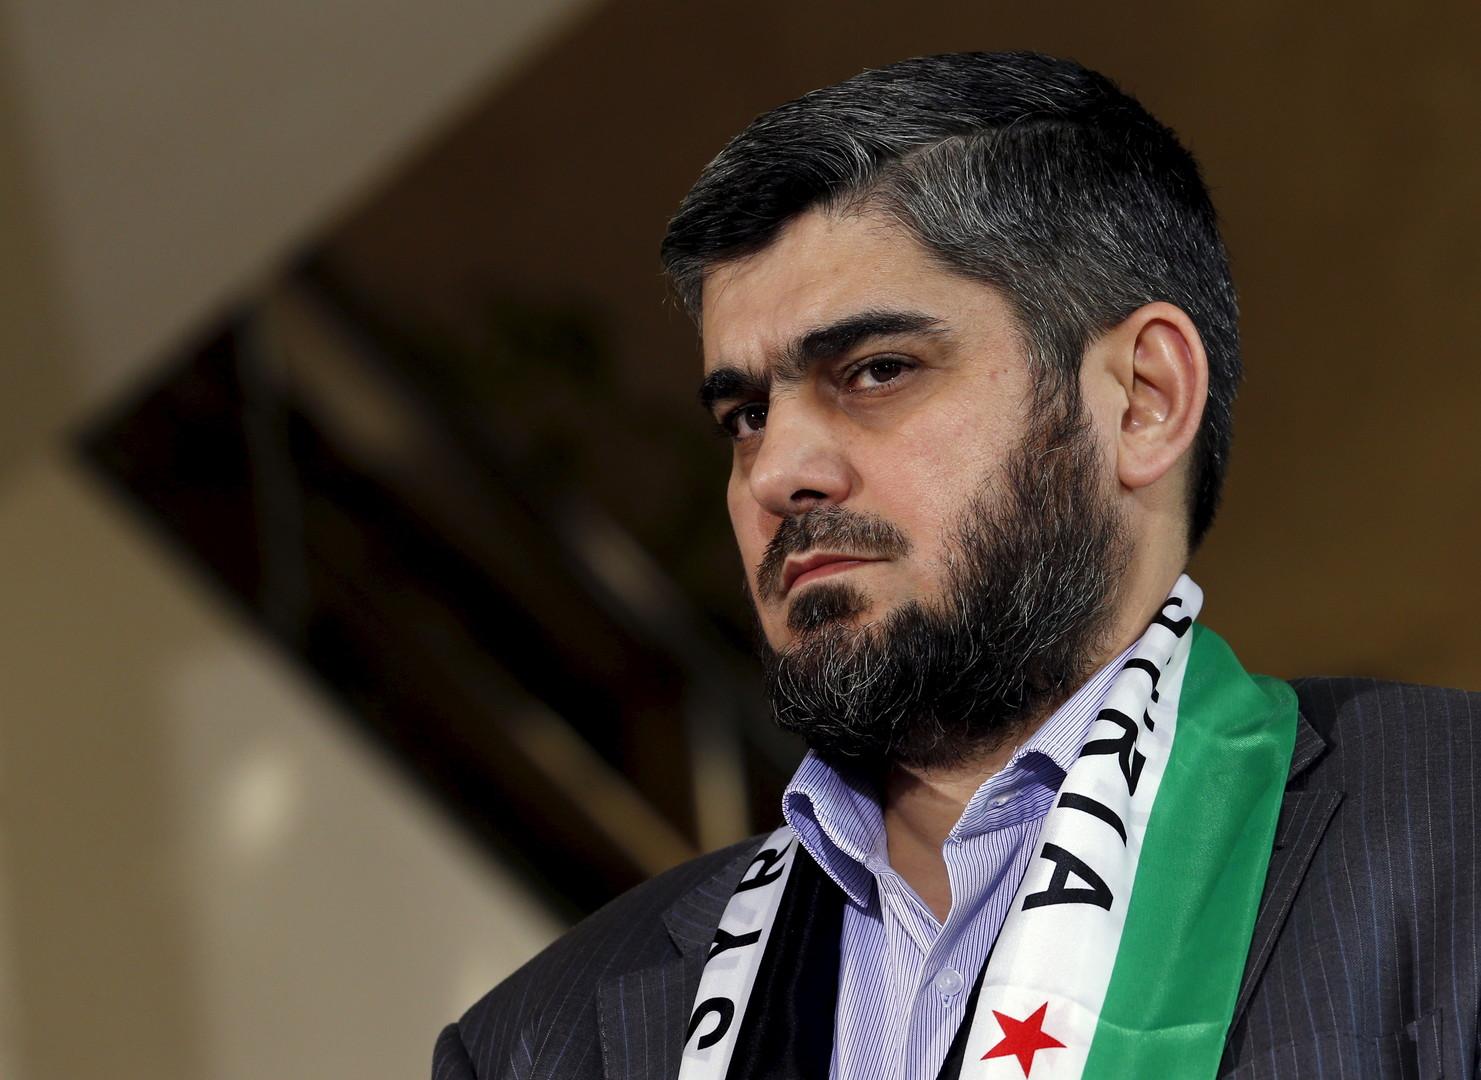 اختيار محمد علوش رئيساً لوفد المعارضة في مفاوضات أستانا